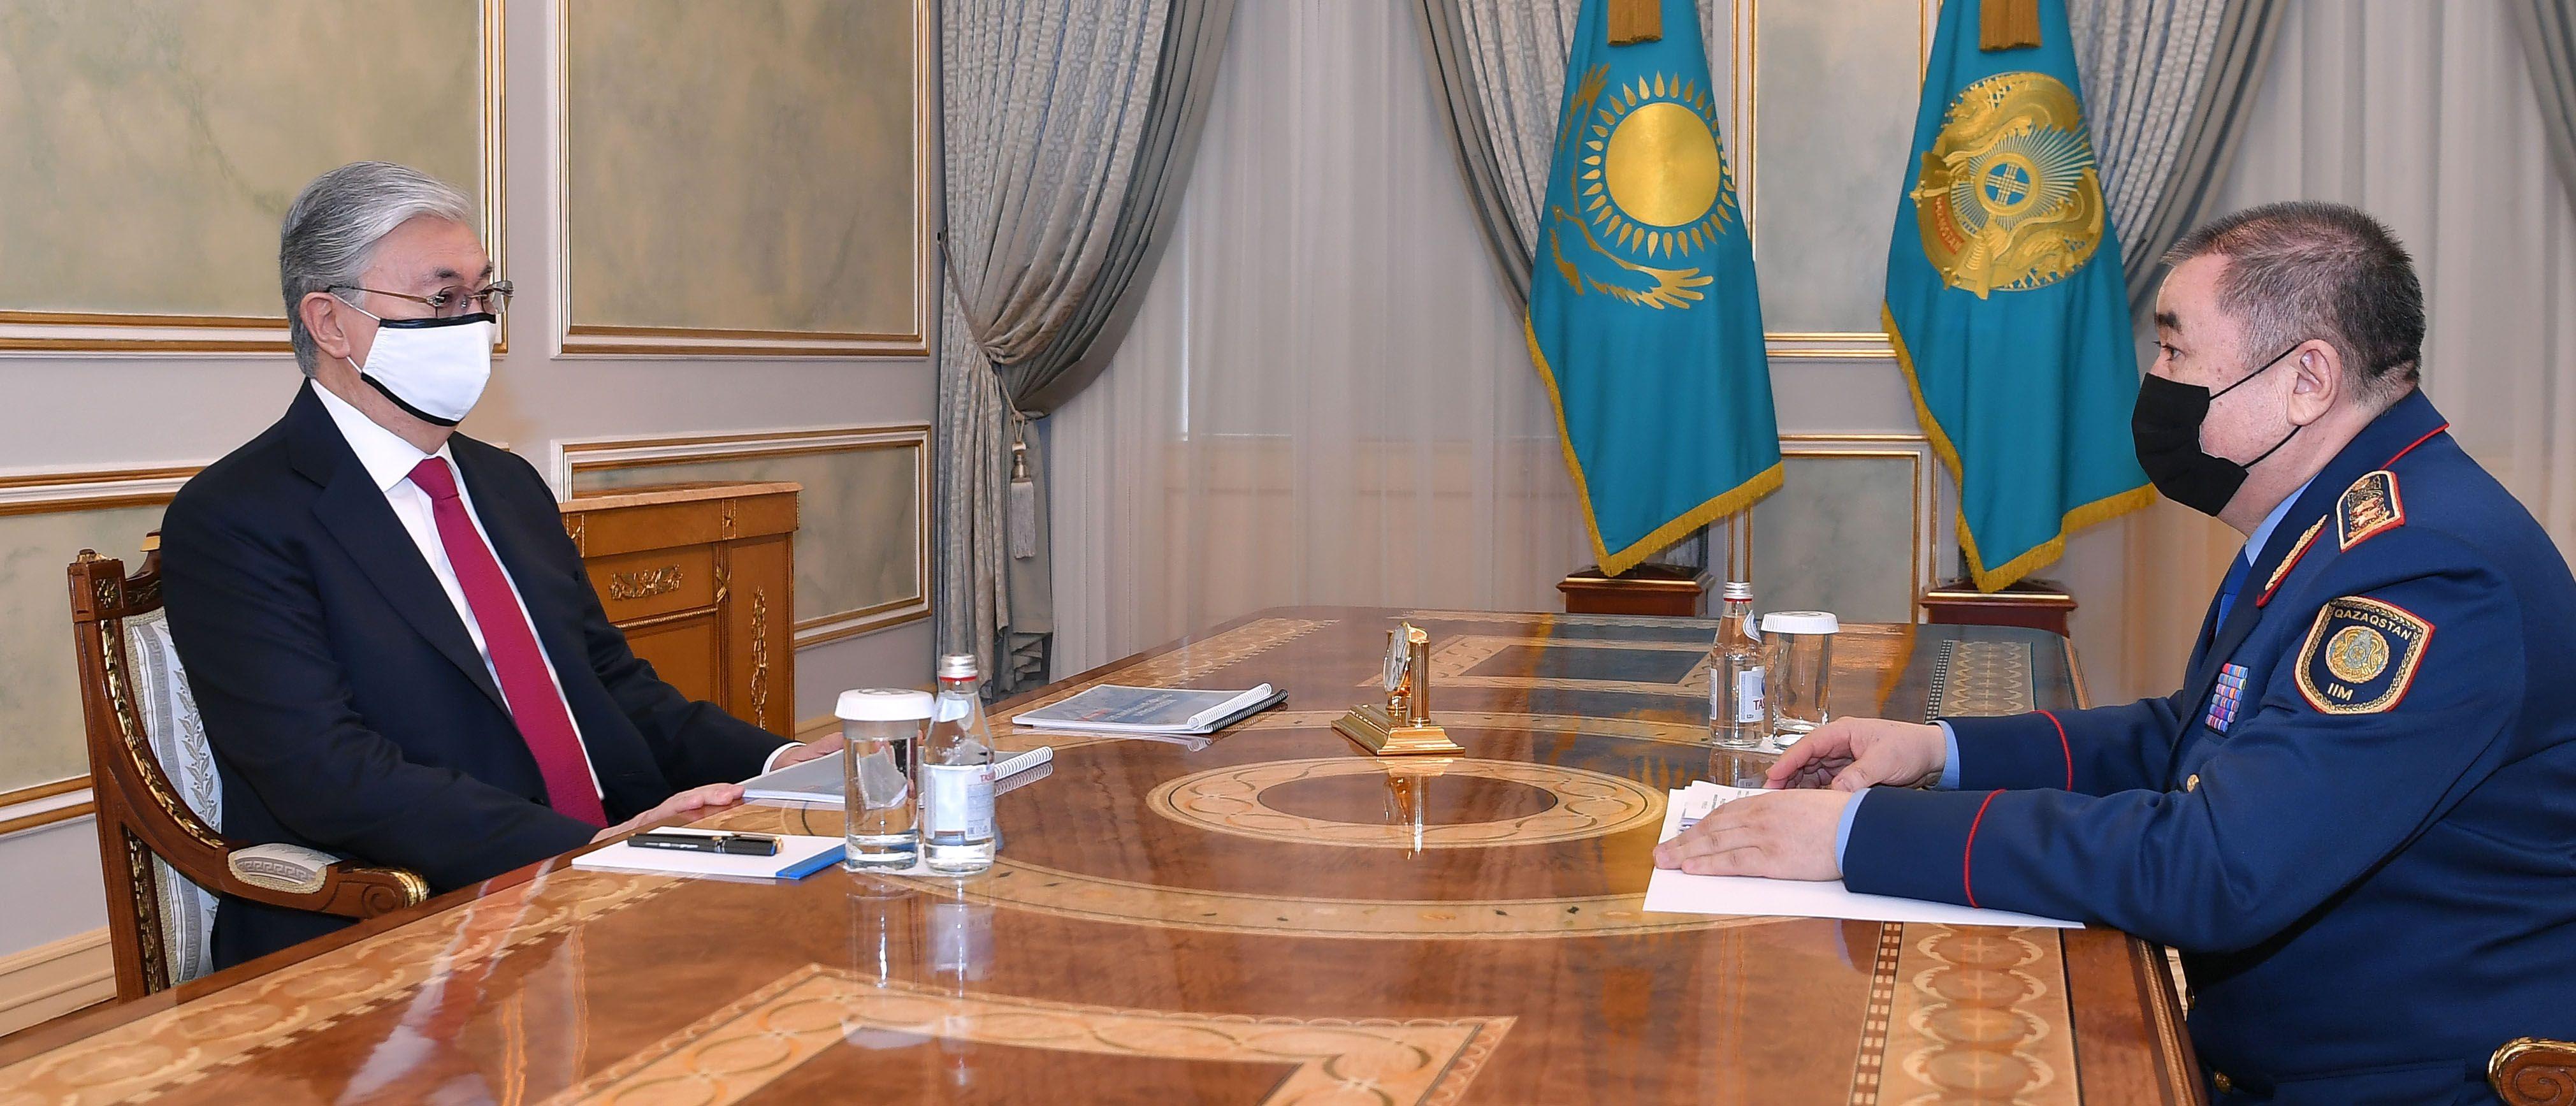 Ерлан Тургумбаев доложил об  итогах работы МВД в 2020 году- Kapital.kz